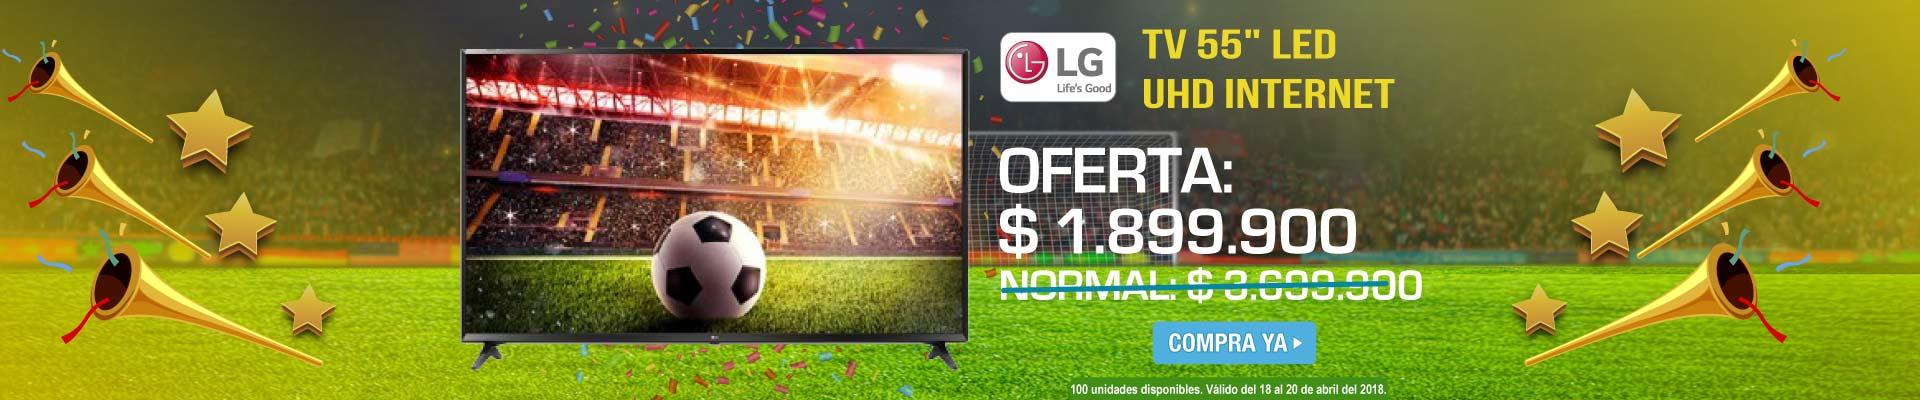 CAT ALKP-3-TV-Tv 55 139cm LG LED 55UJ635 UHD Internet-prod-Abril18-20